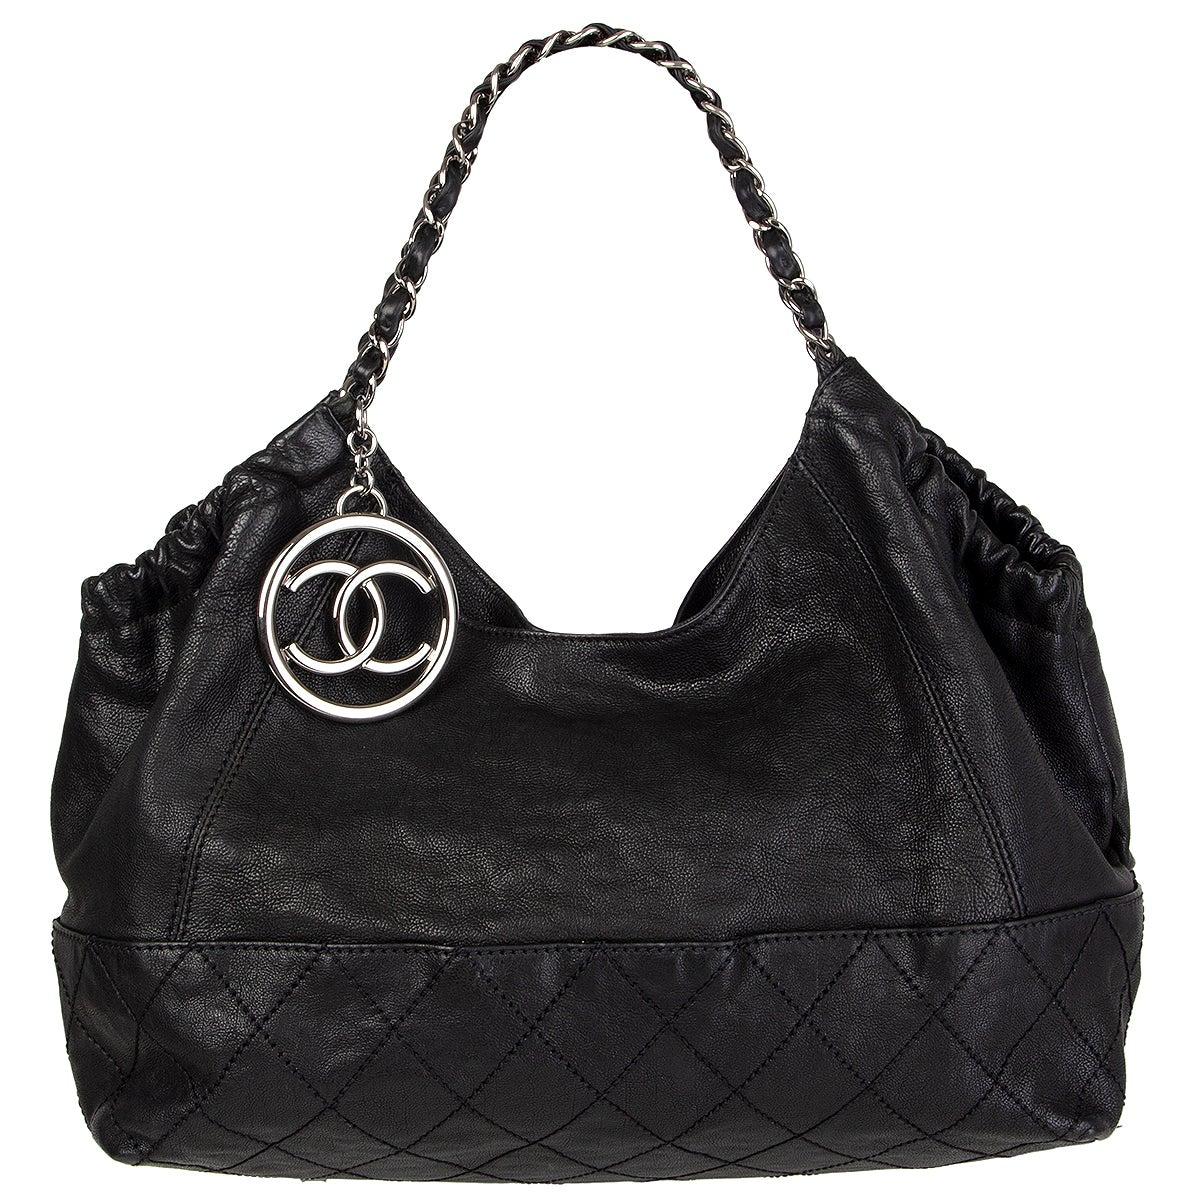 CHANEL black leather COCO CABAS Shoulder Bag